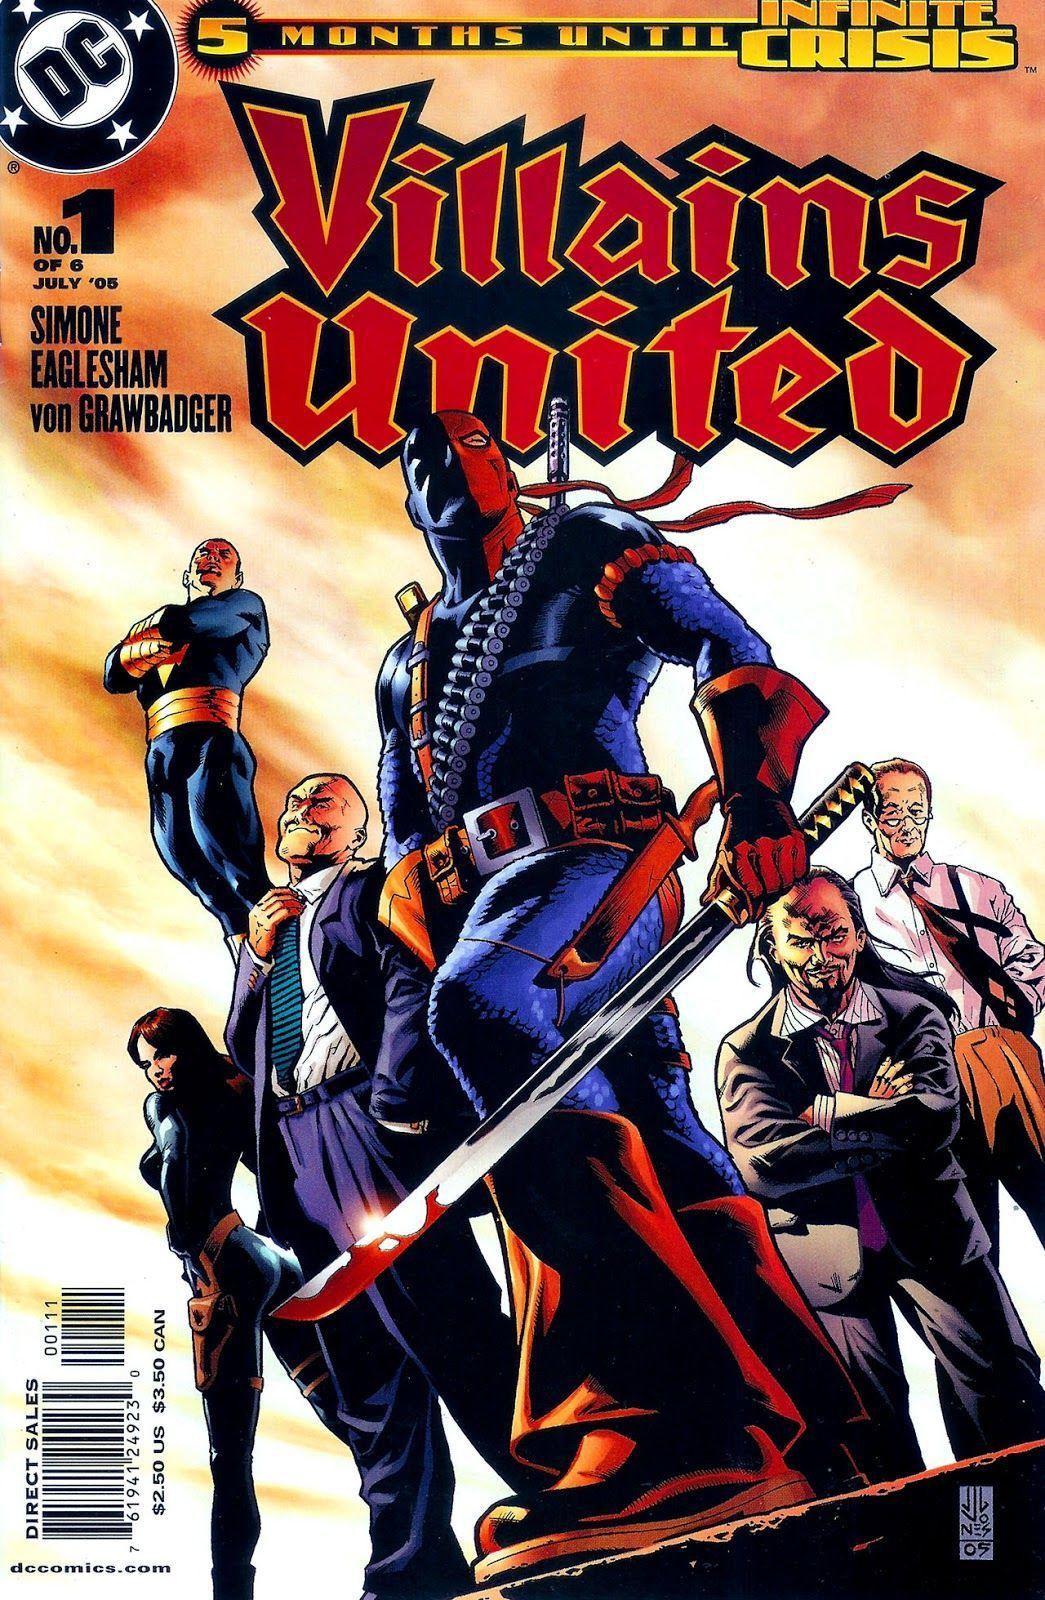 Villains United #1 (Writer Gail Simone, Artist Dale Eaglesham)